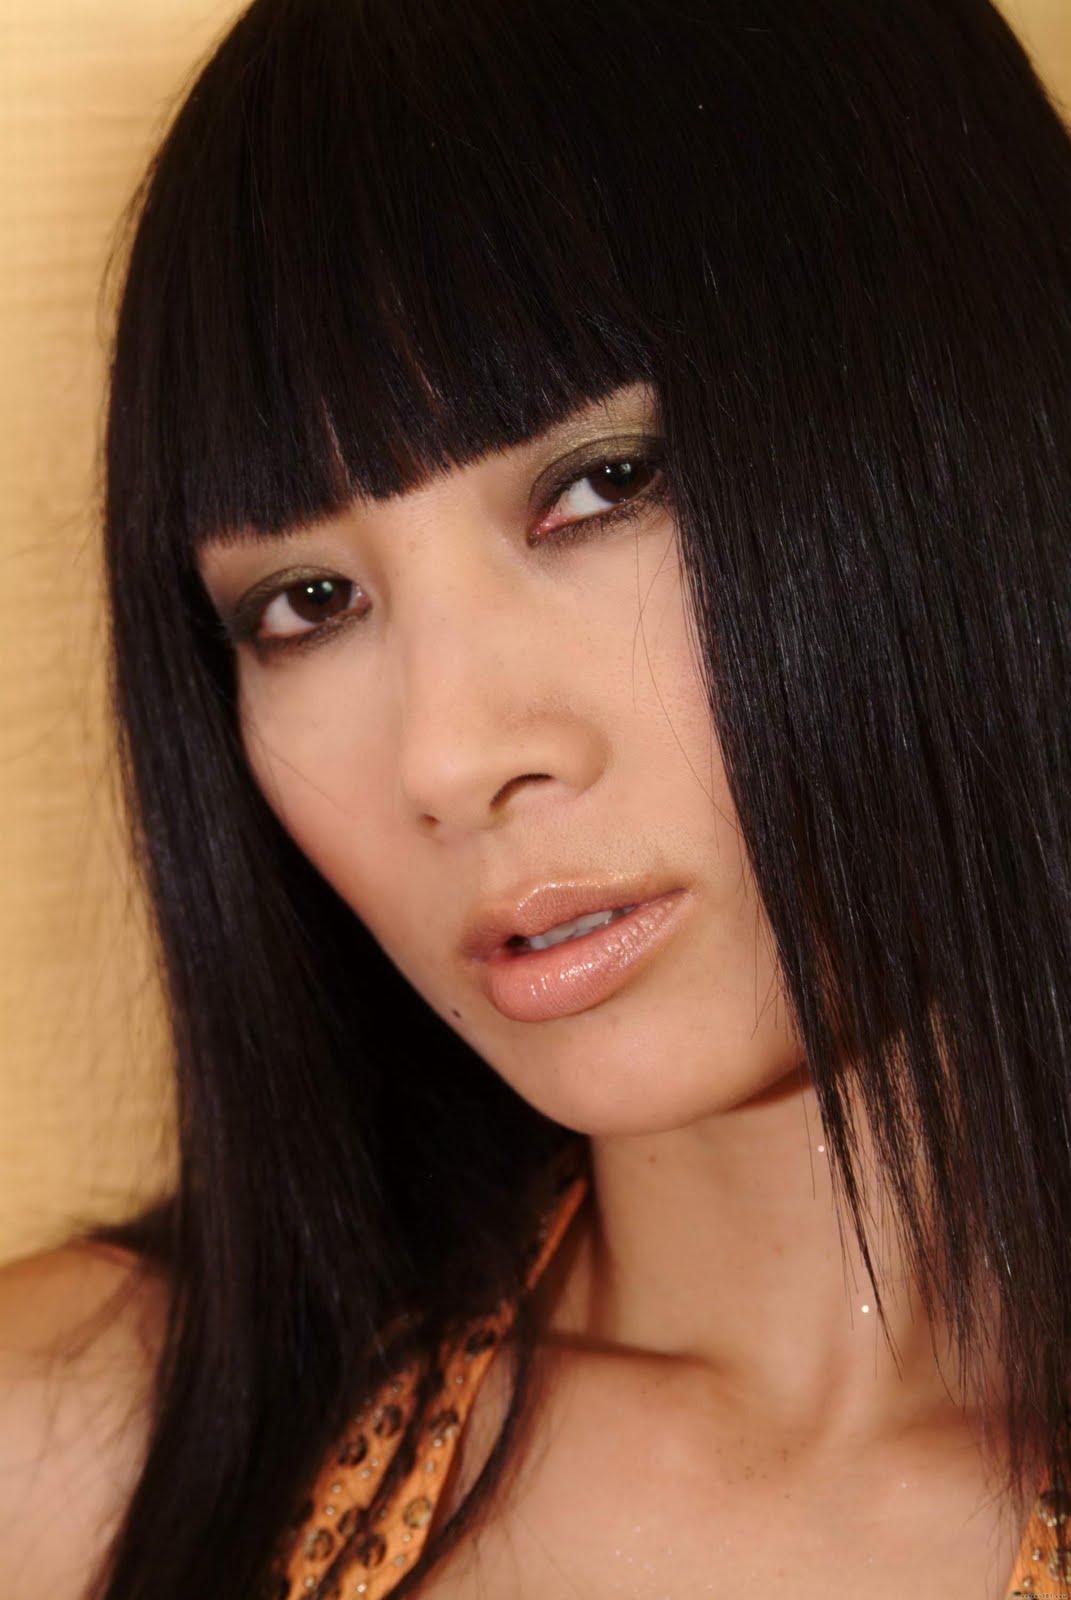 http://4.bp.blogspot.com/-EpRQJcSgw3U/TjTjMWtnr9I/AAAAAAAAC50/30xwdWHSvzQ/s1600/Bai+Ling+Hairstyle+%25289%2529.jpg